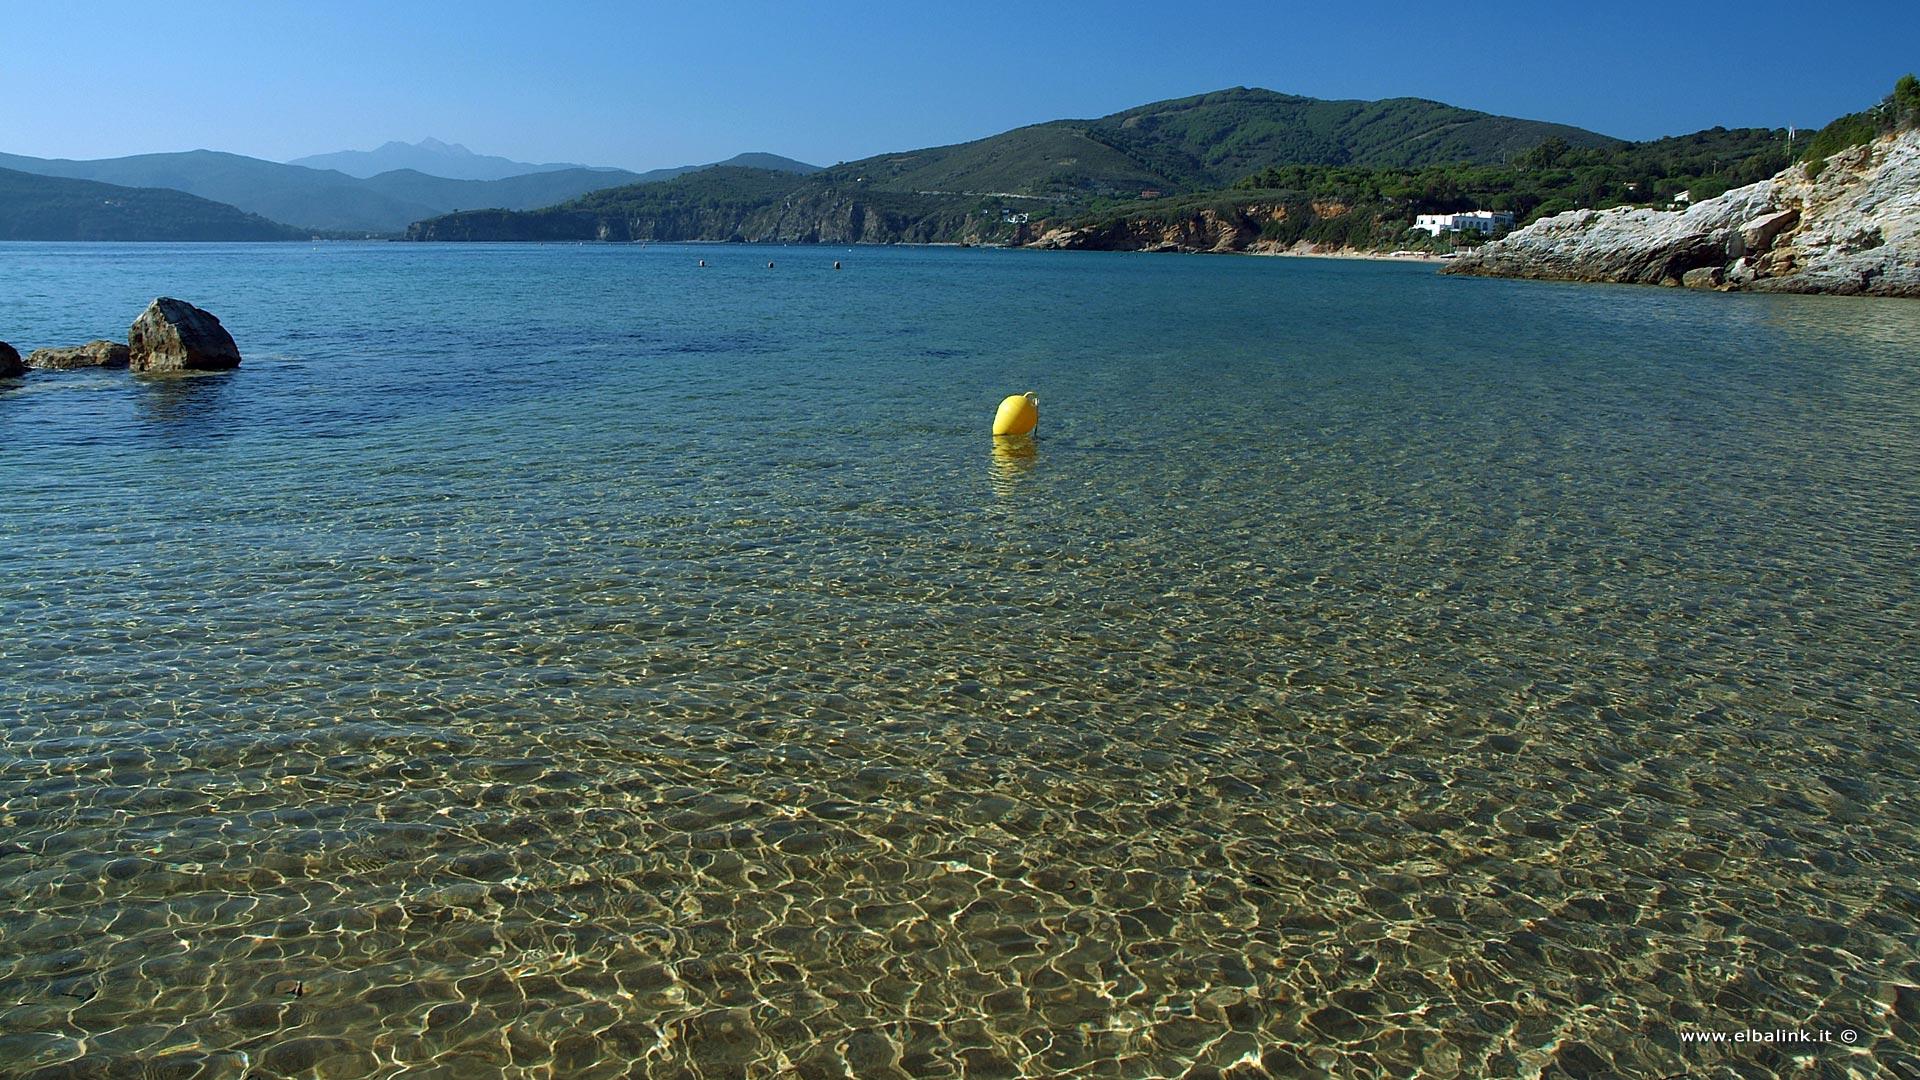 Spiaggia delle Calanchiole, Elba